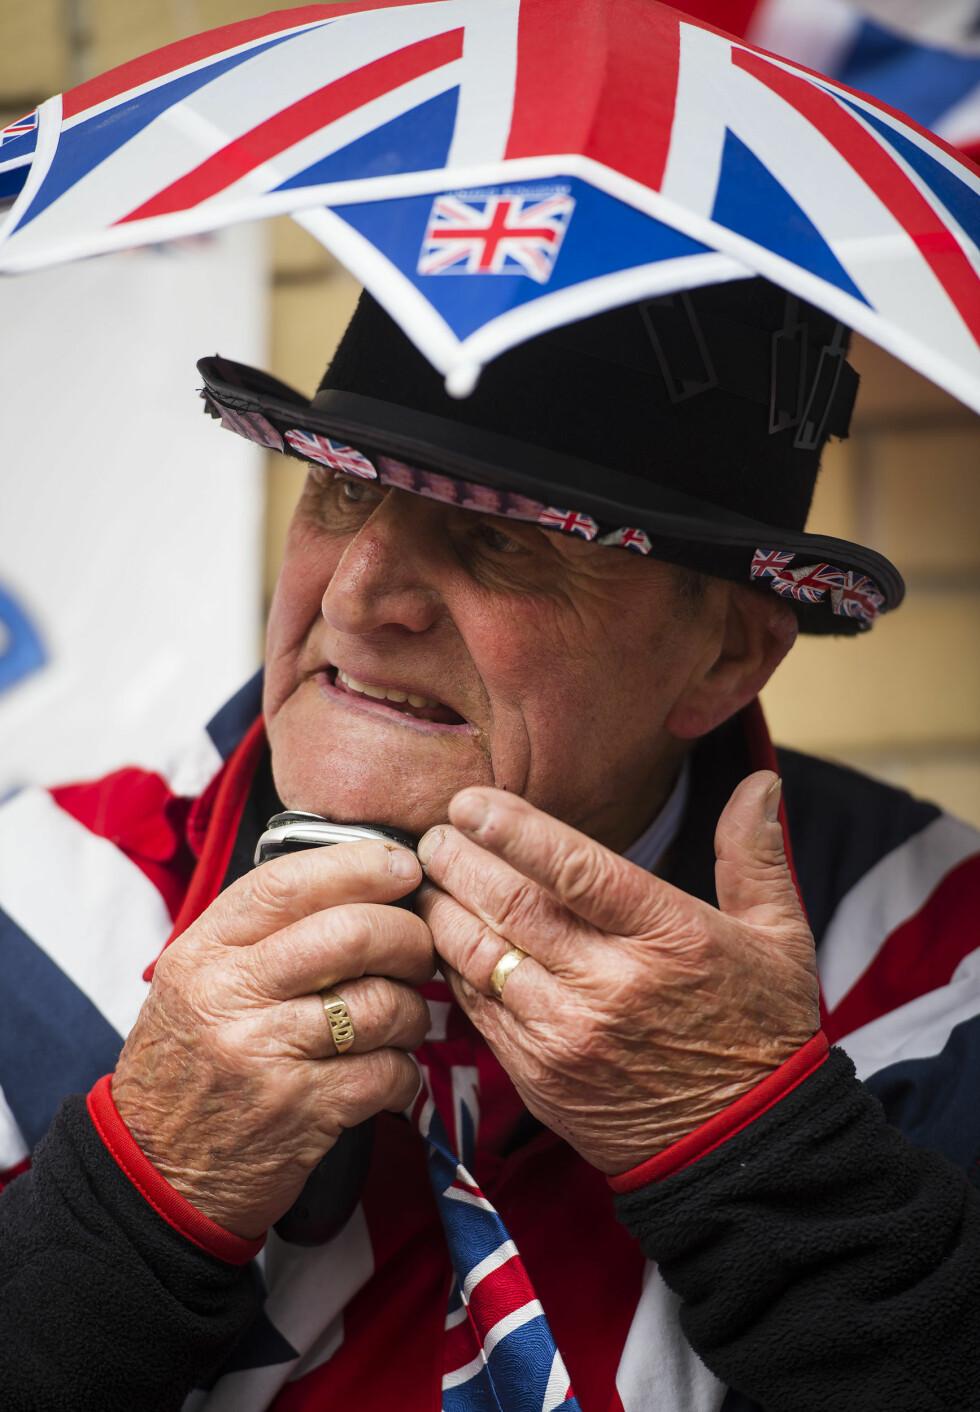 BARBERING: Terry Hutt tar morgenstellet på gata. Den kongelige fanen er redd for å miste innleggelsen til Kate. Foto: SipaUSA